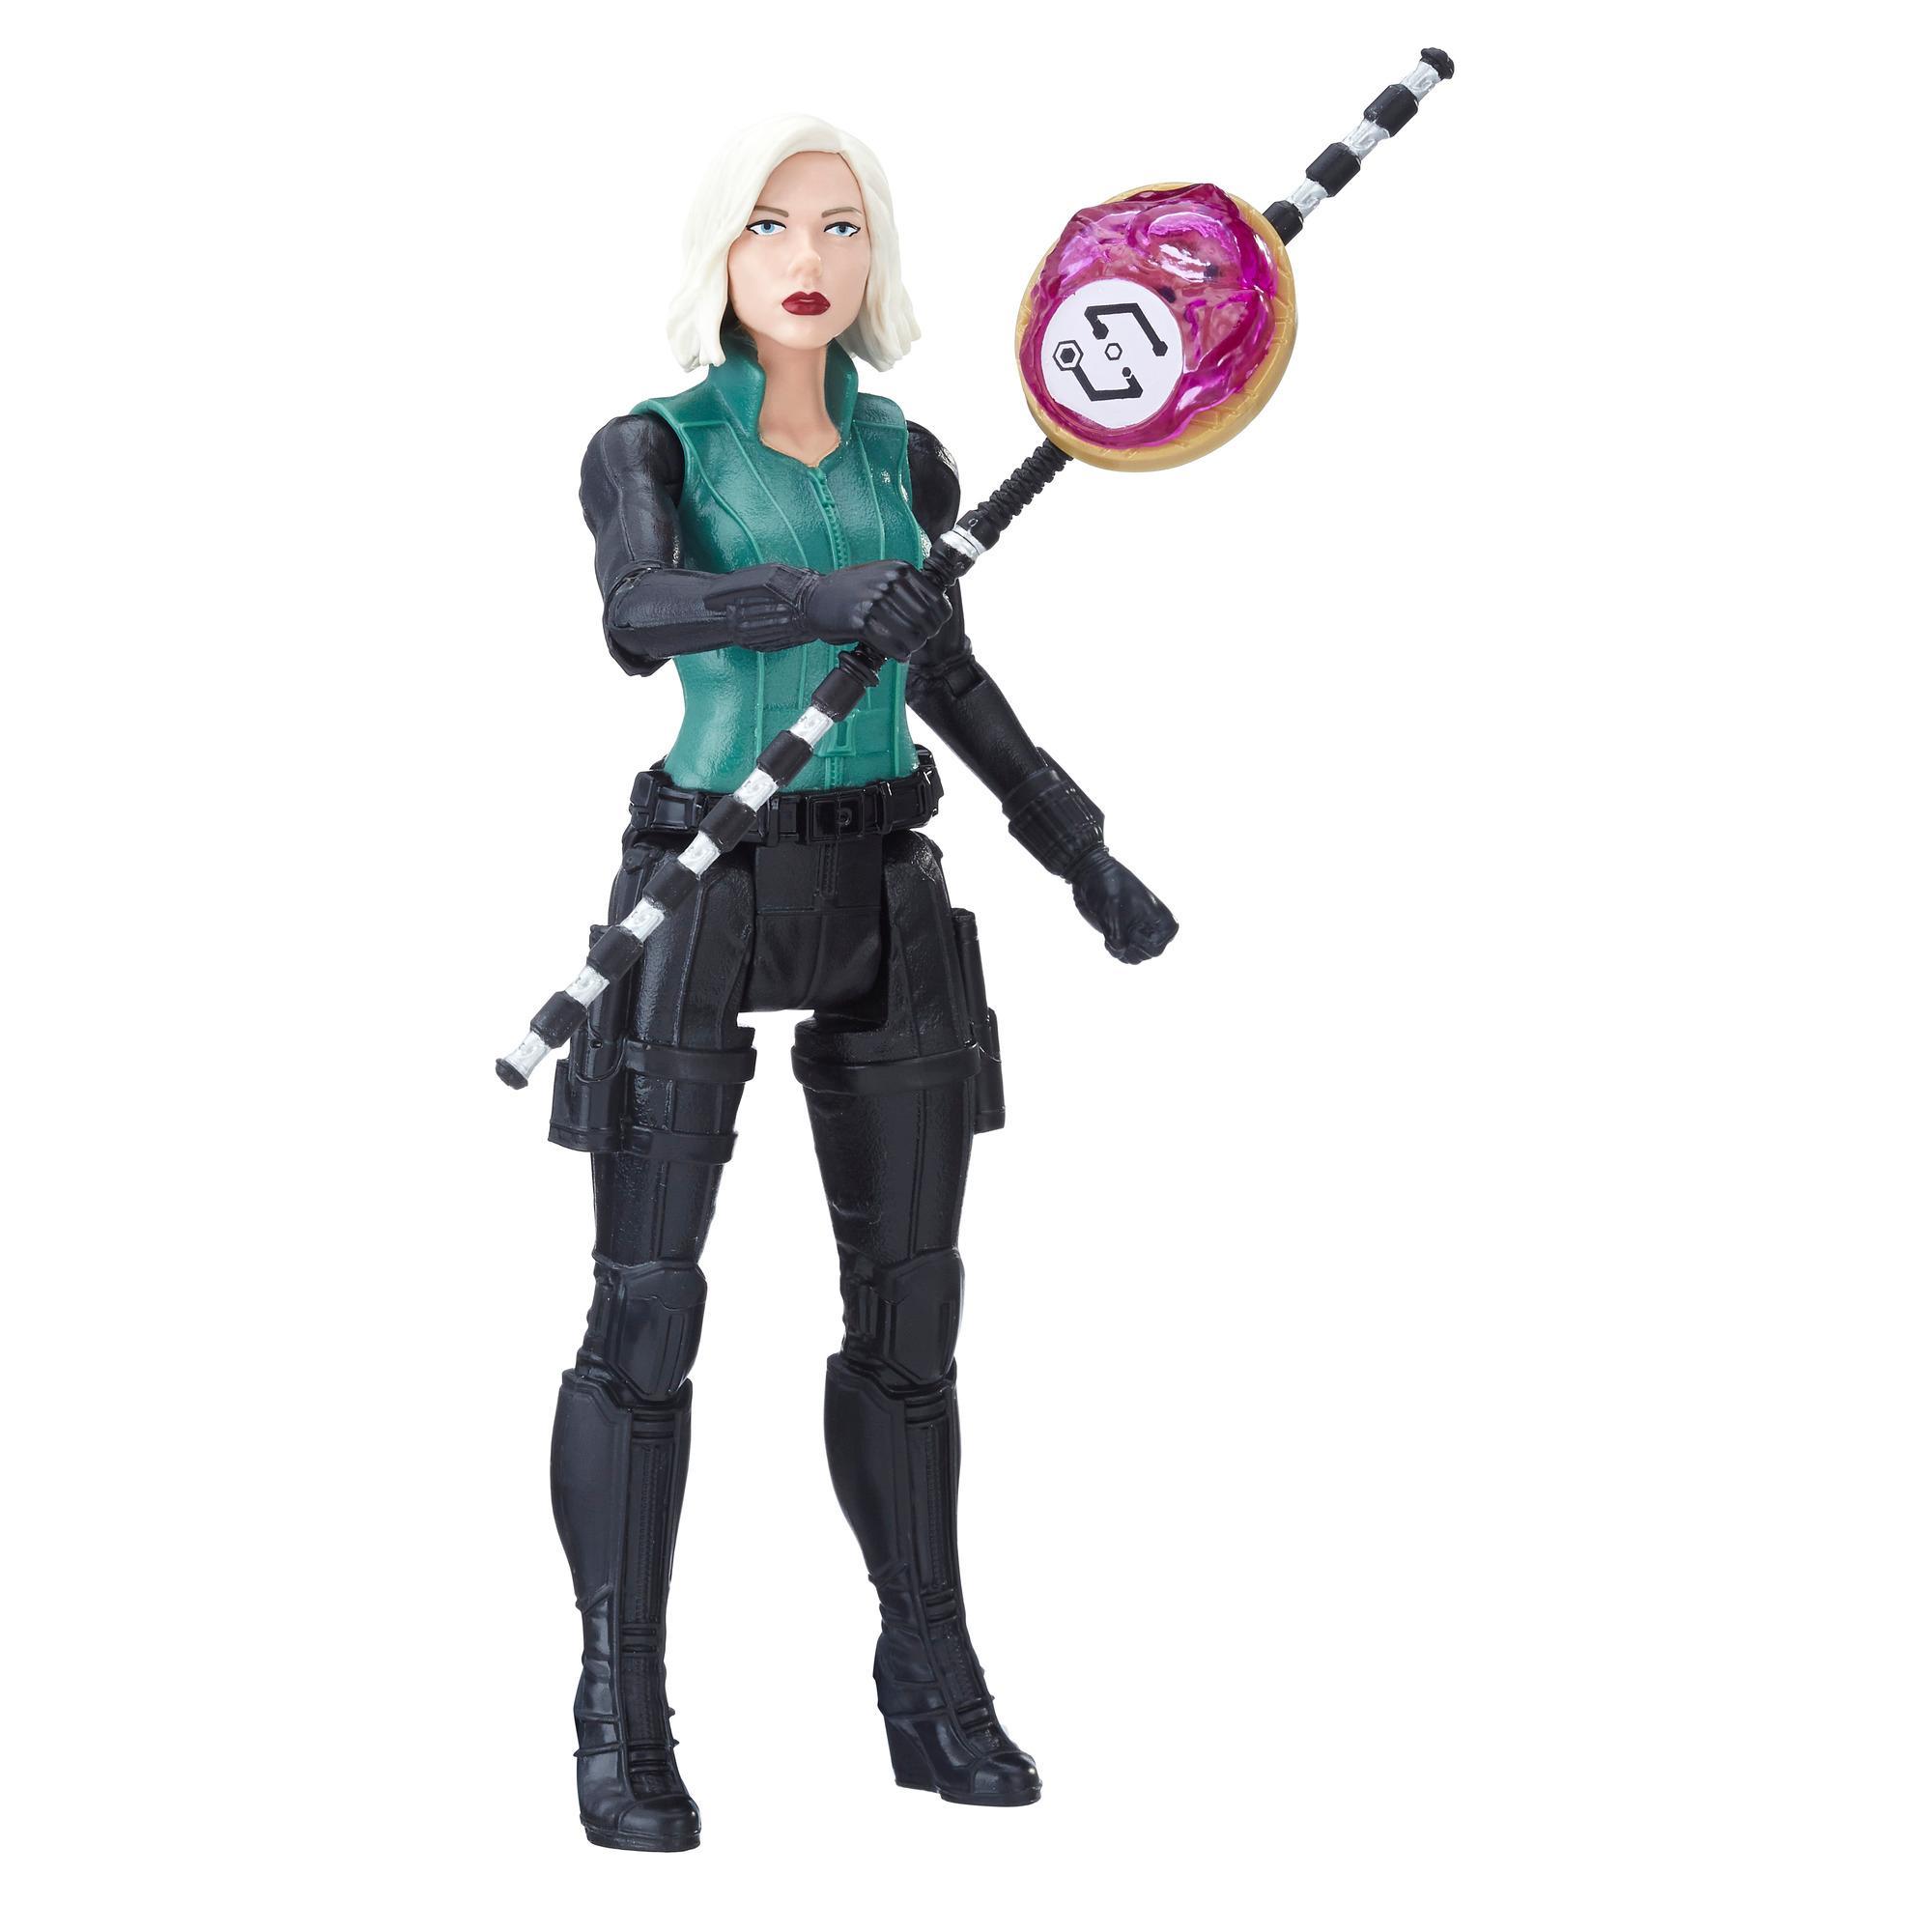 Avengers: Infinity War Black Widow Figür ve Sonsuzluk Taşı